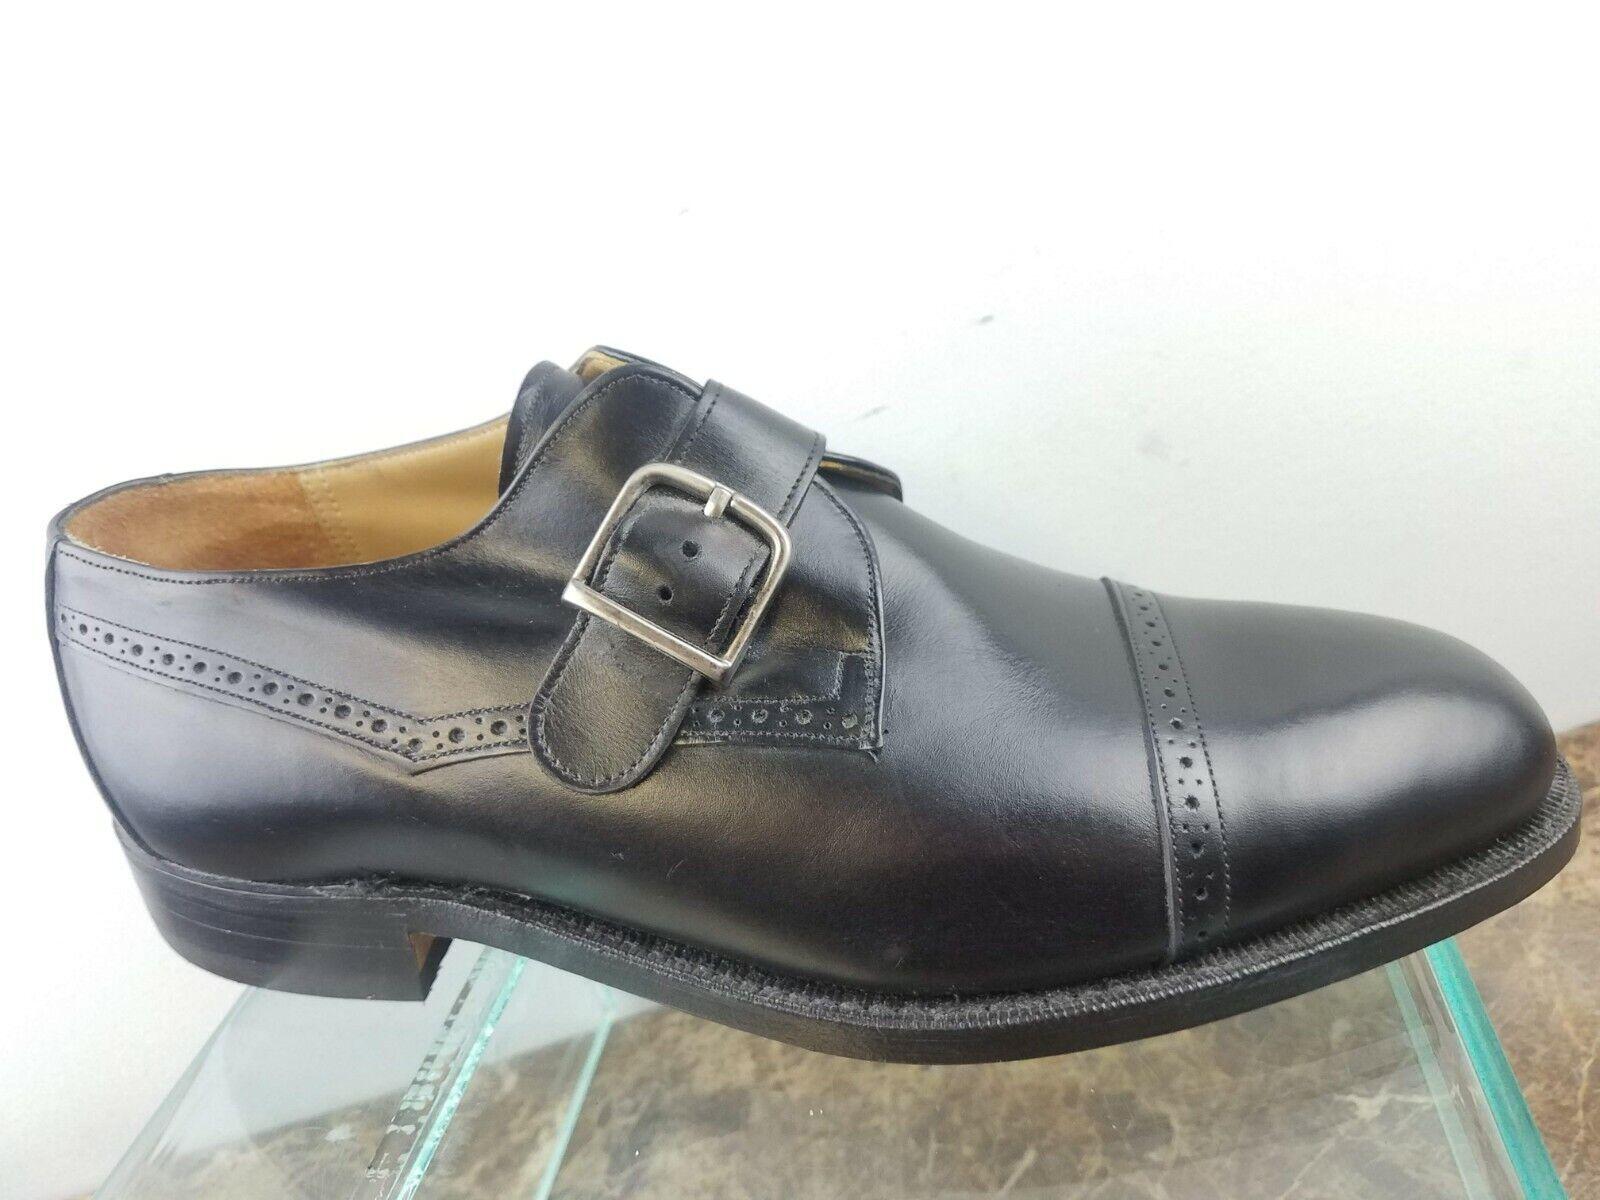 Johnston Murphy USA Aristocraft en cuir noir Monkstrap Cap Toe Chaussures homme 8.5WW